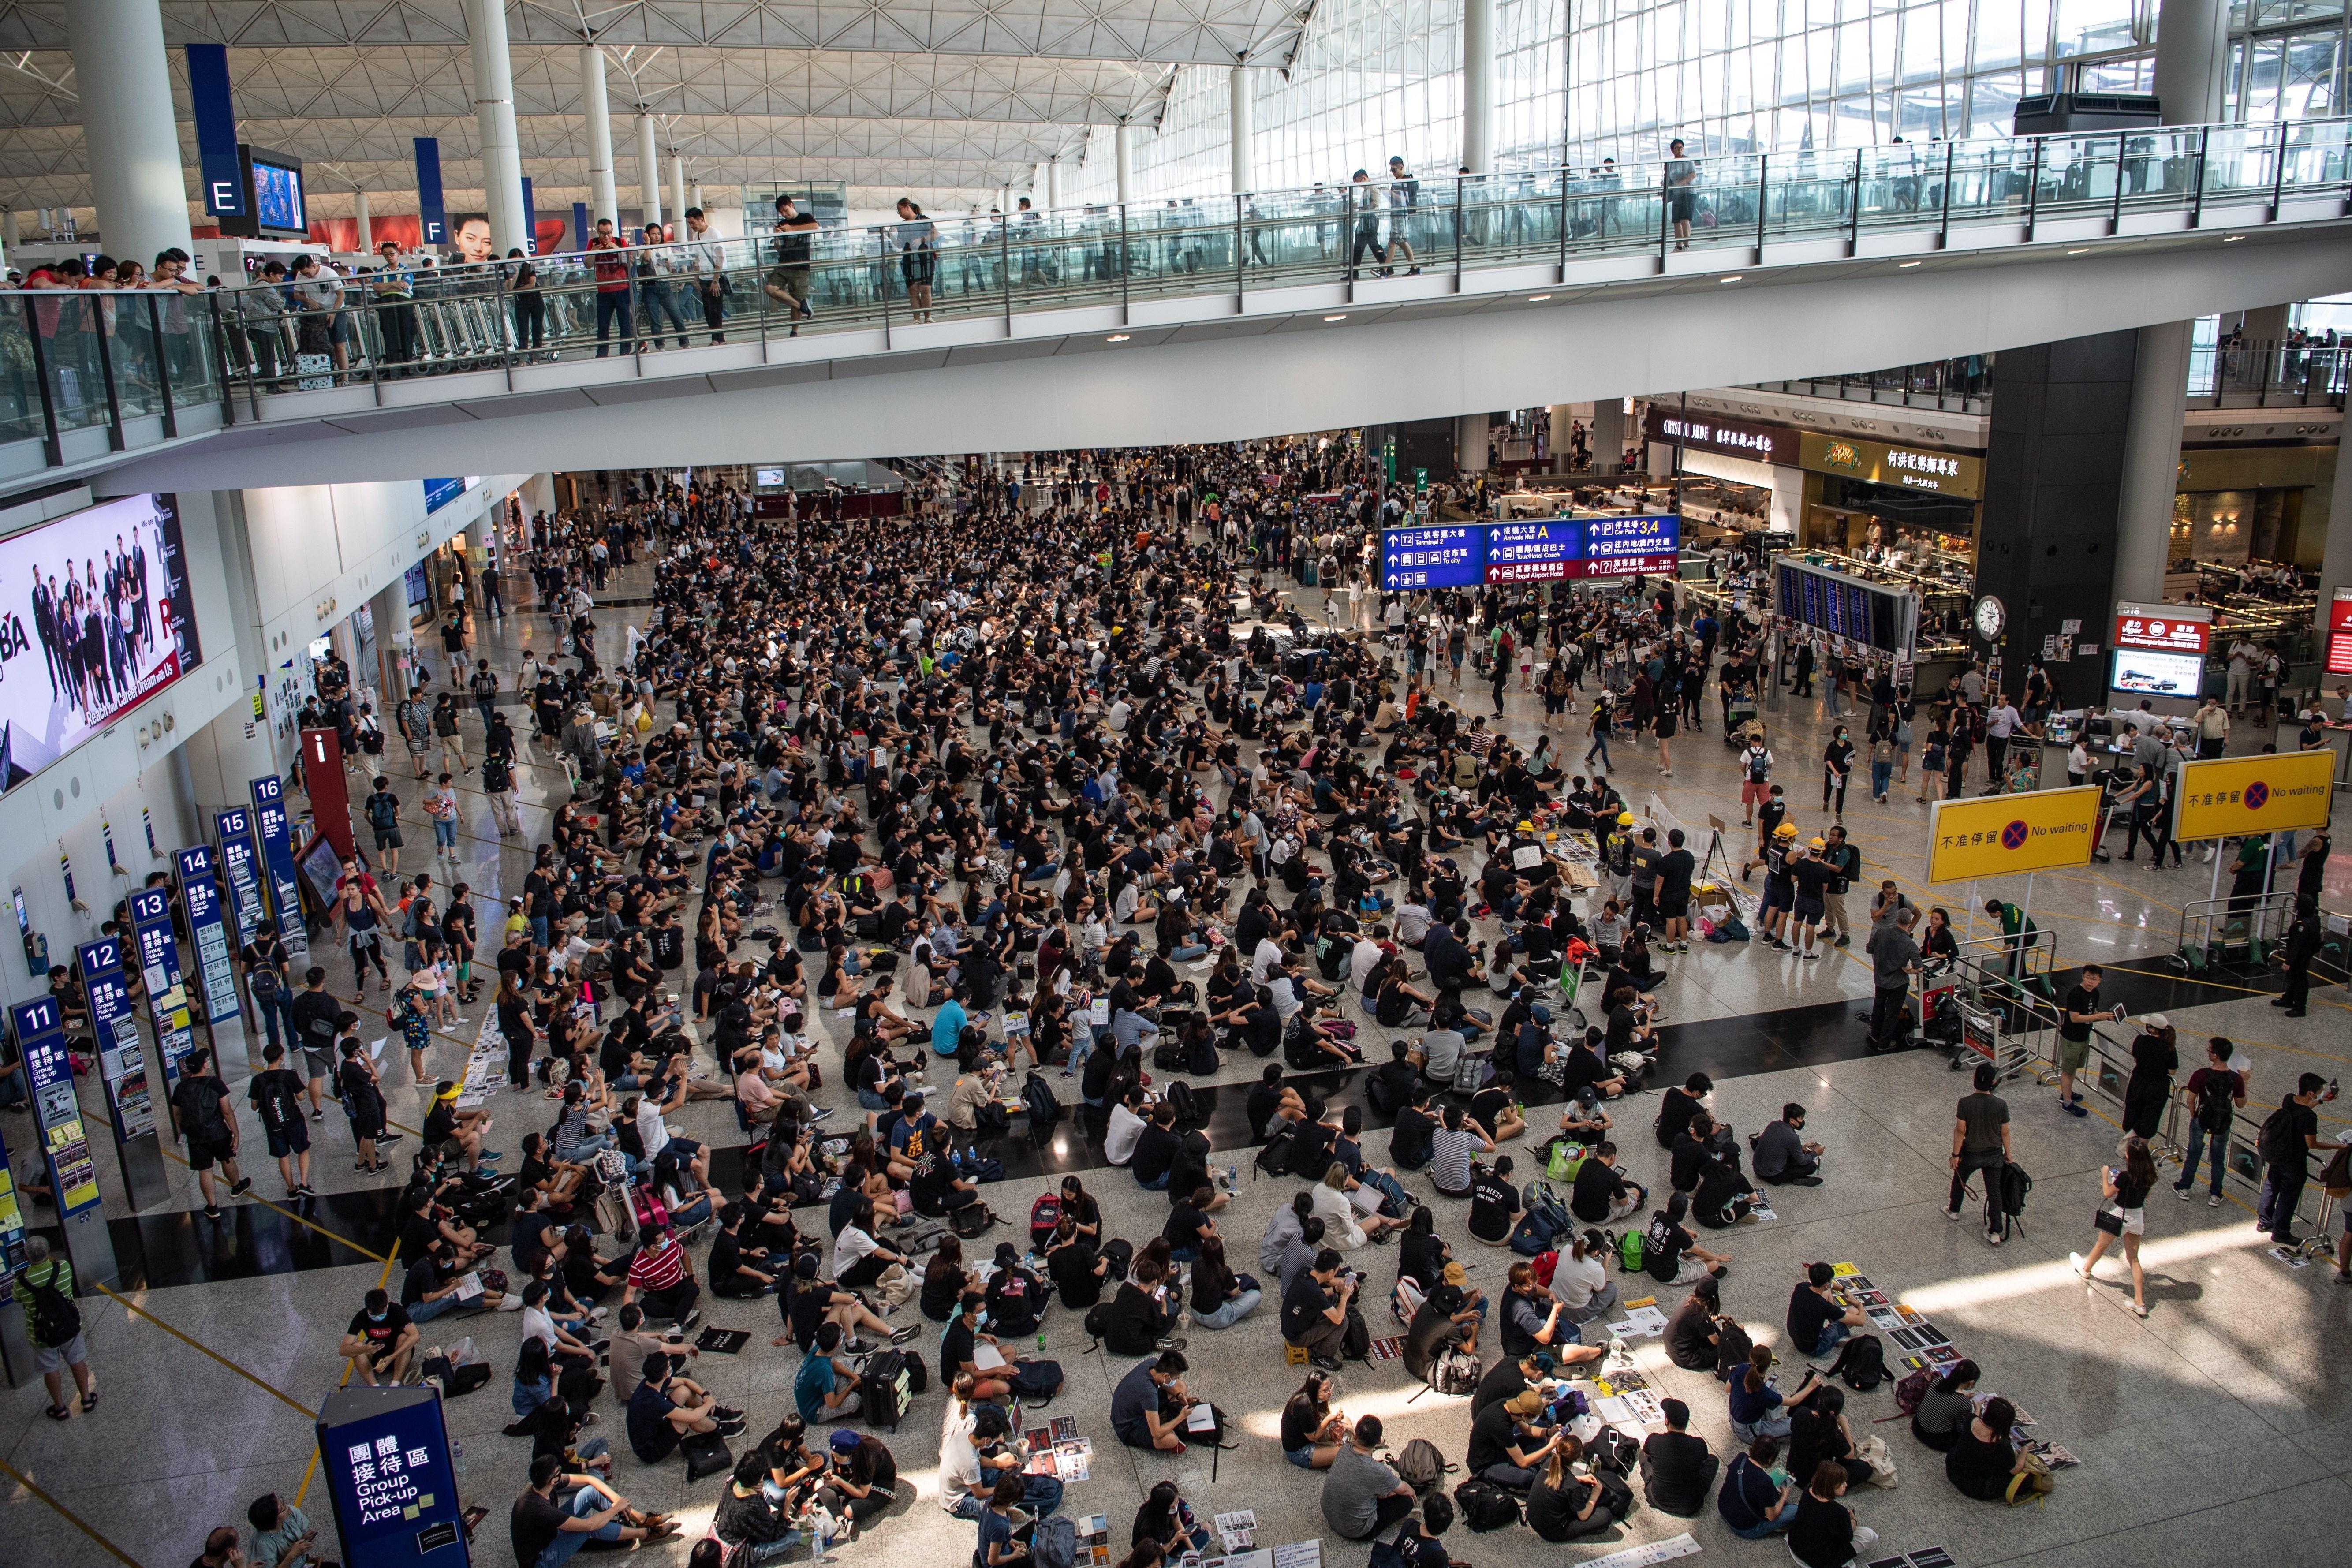 """Cientos de manifestantes hongkoneses realizan una sentada en el Aeropuerto Internacional de Hong Kong en protesta contra la violencia policial y el gobierno chino, este martes, en Hong Kong (China). Los pasajeros se enfrentan a la segunda jornada de parálisis por la protesta masiva de los civiles al tiempo que la jefa del Ejecutivo, Carrie Lam, ha advertido de que los acontecimientos están llevando a la ciudad a un """"callejón sin salida"""". EFE."""